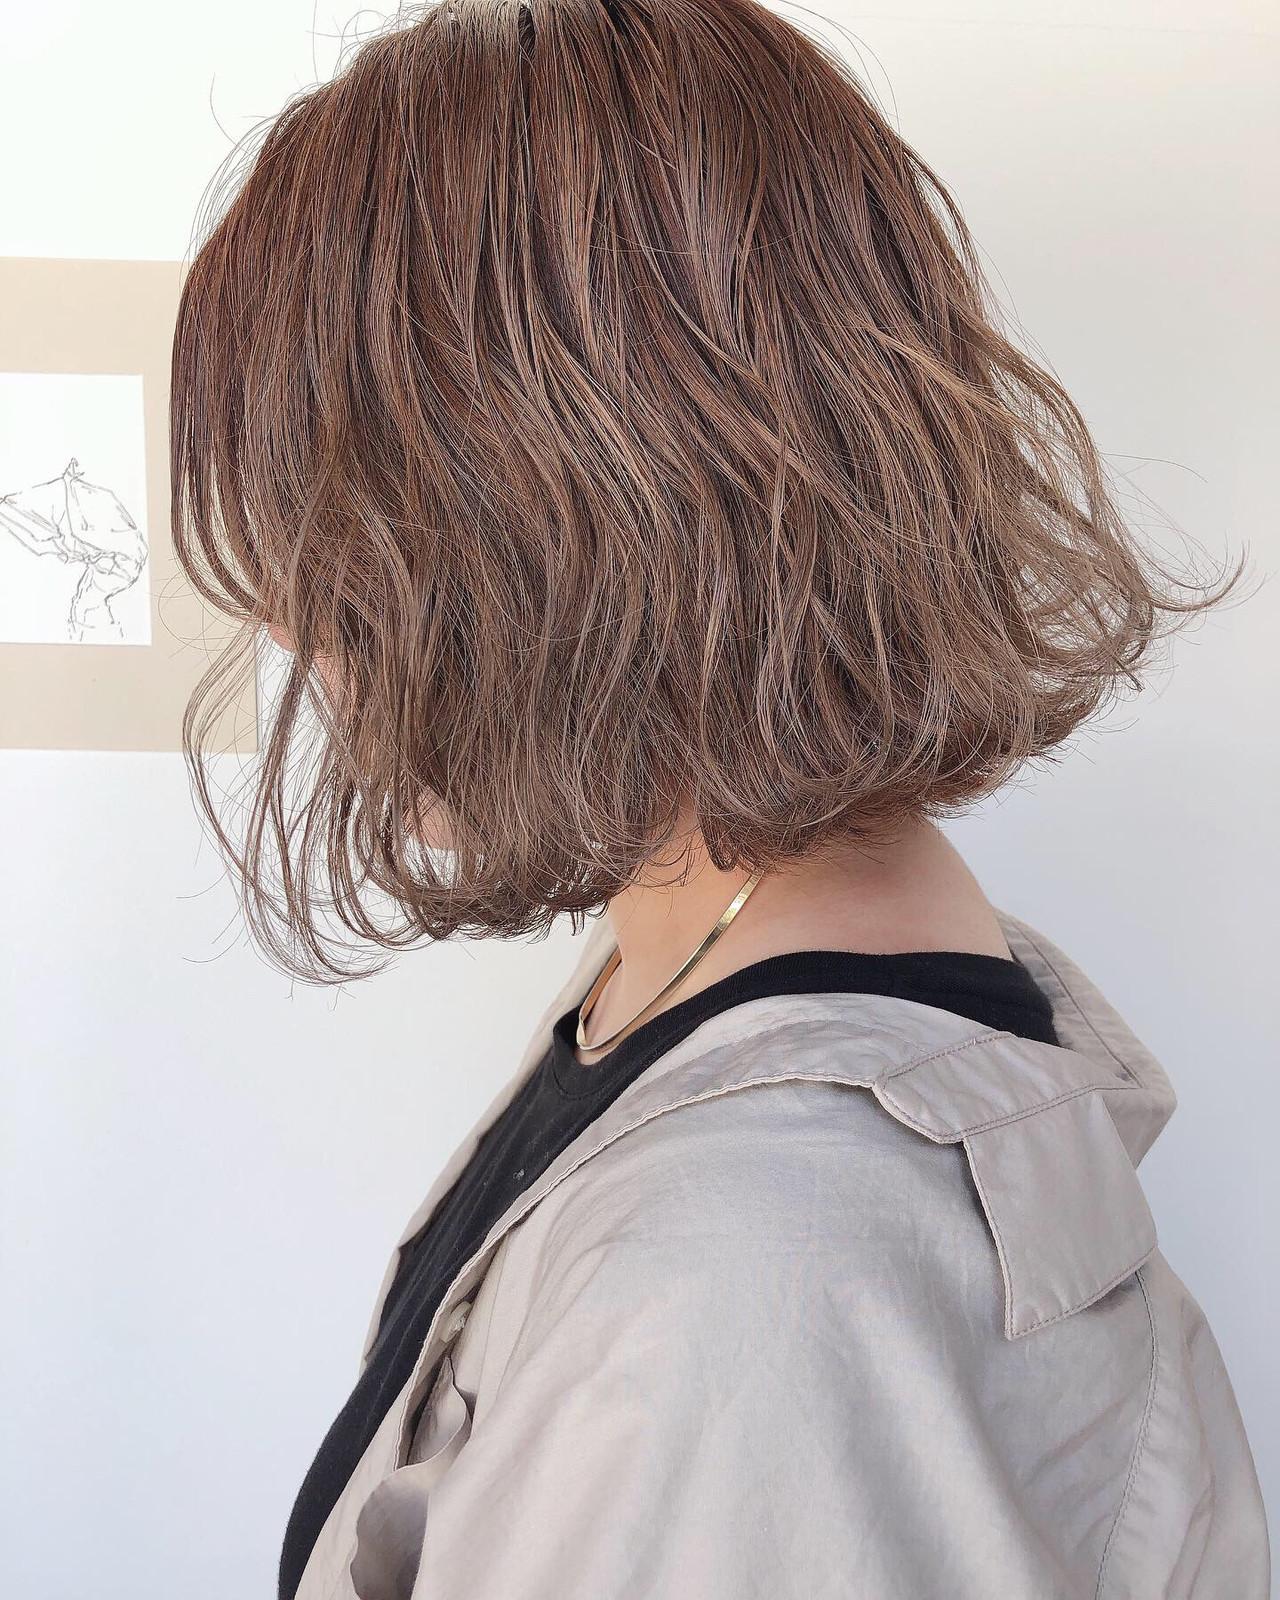 ミルクティーグレージュ ナチュラル ミルクティーベージュ ボブ ヘアスタイルや髪型の写真・画像